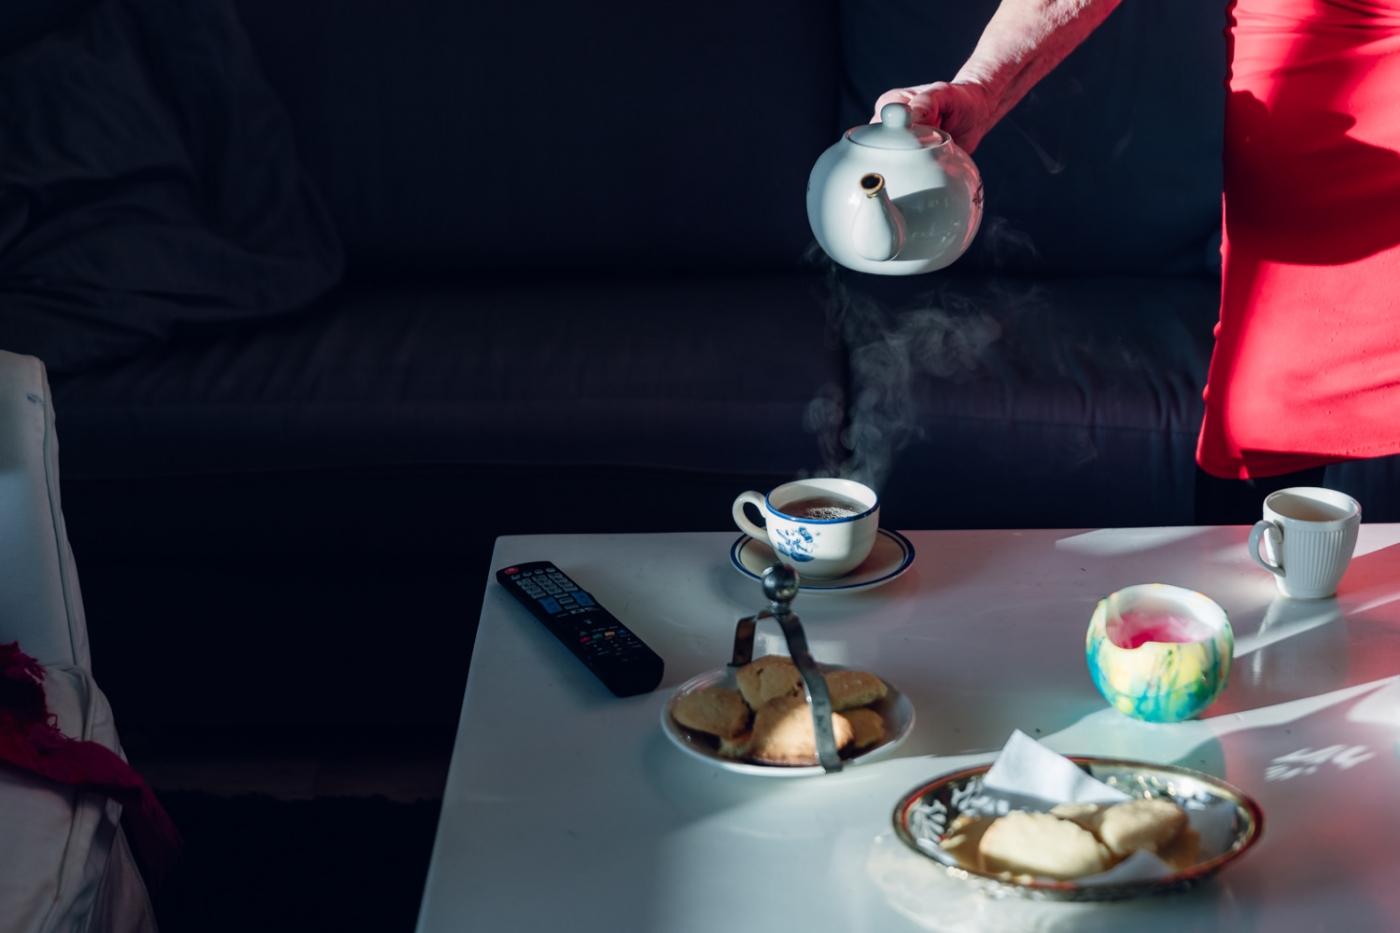 Kopje koffie of thee. Neem contact op met Inventum